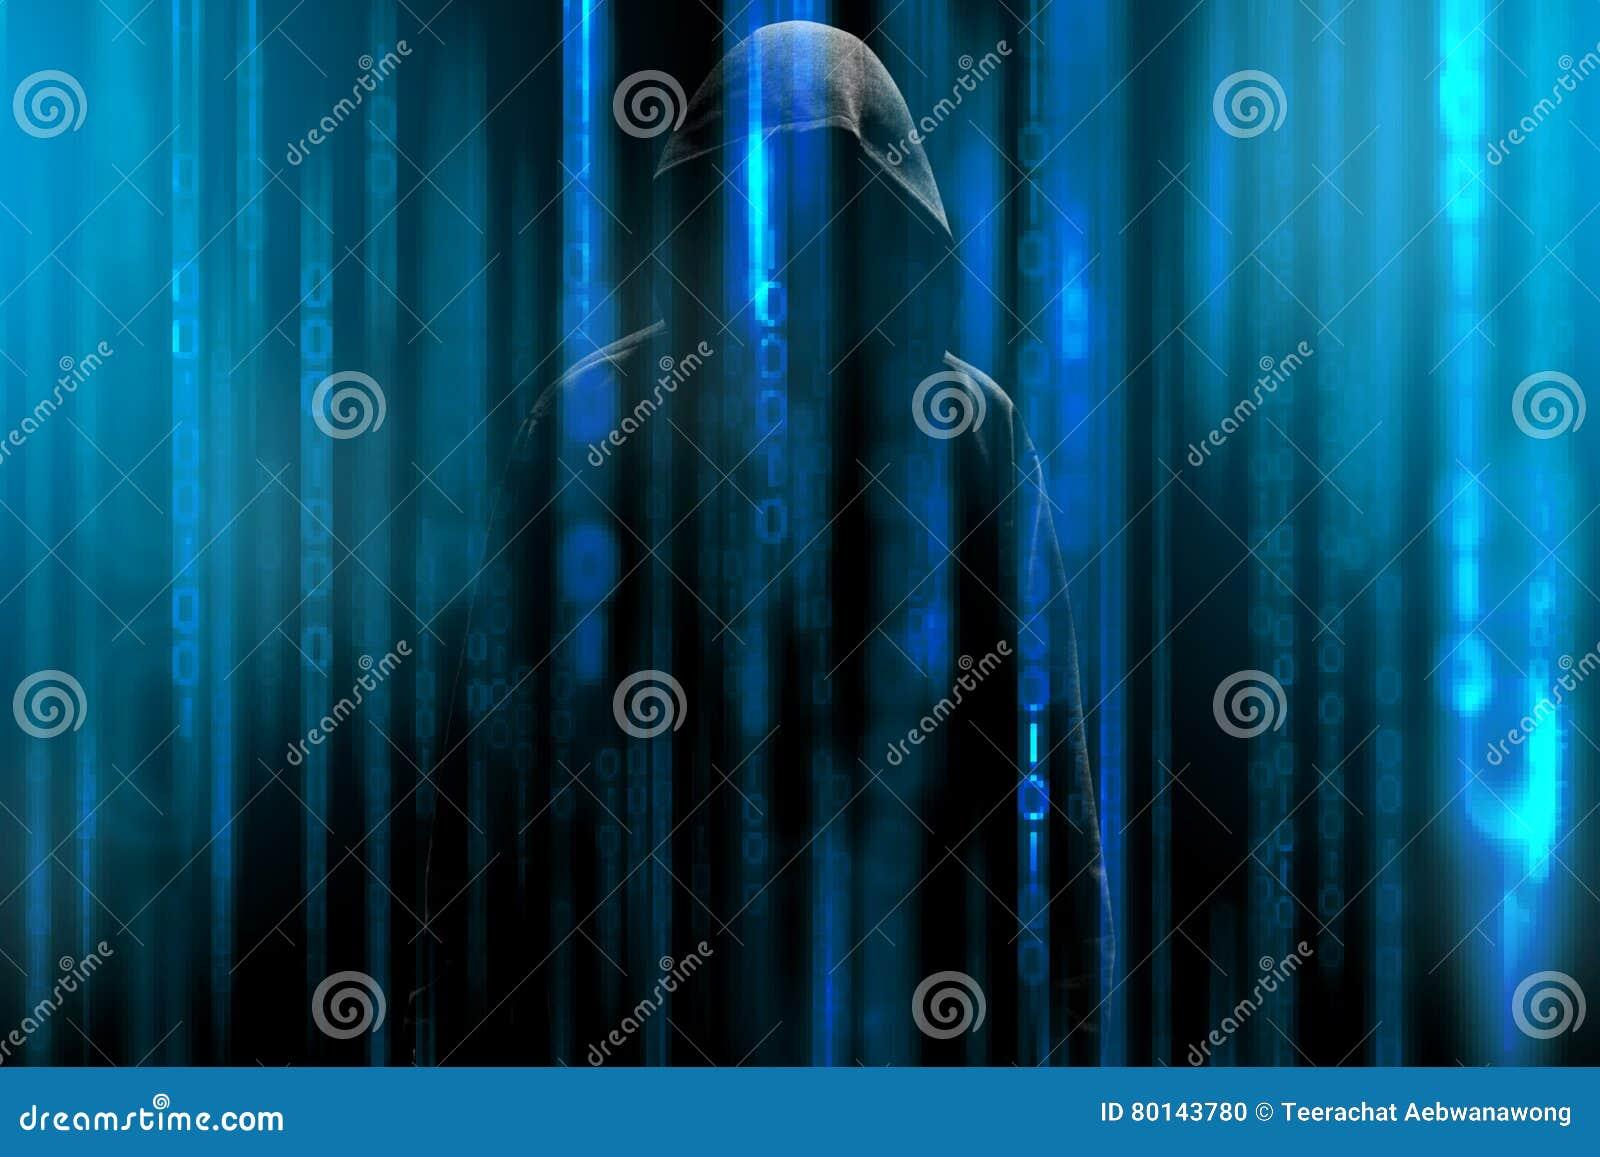 Pirate informatique avec un capot et une matrice bleue de code binaire Entailler des données secrètes confidentielles